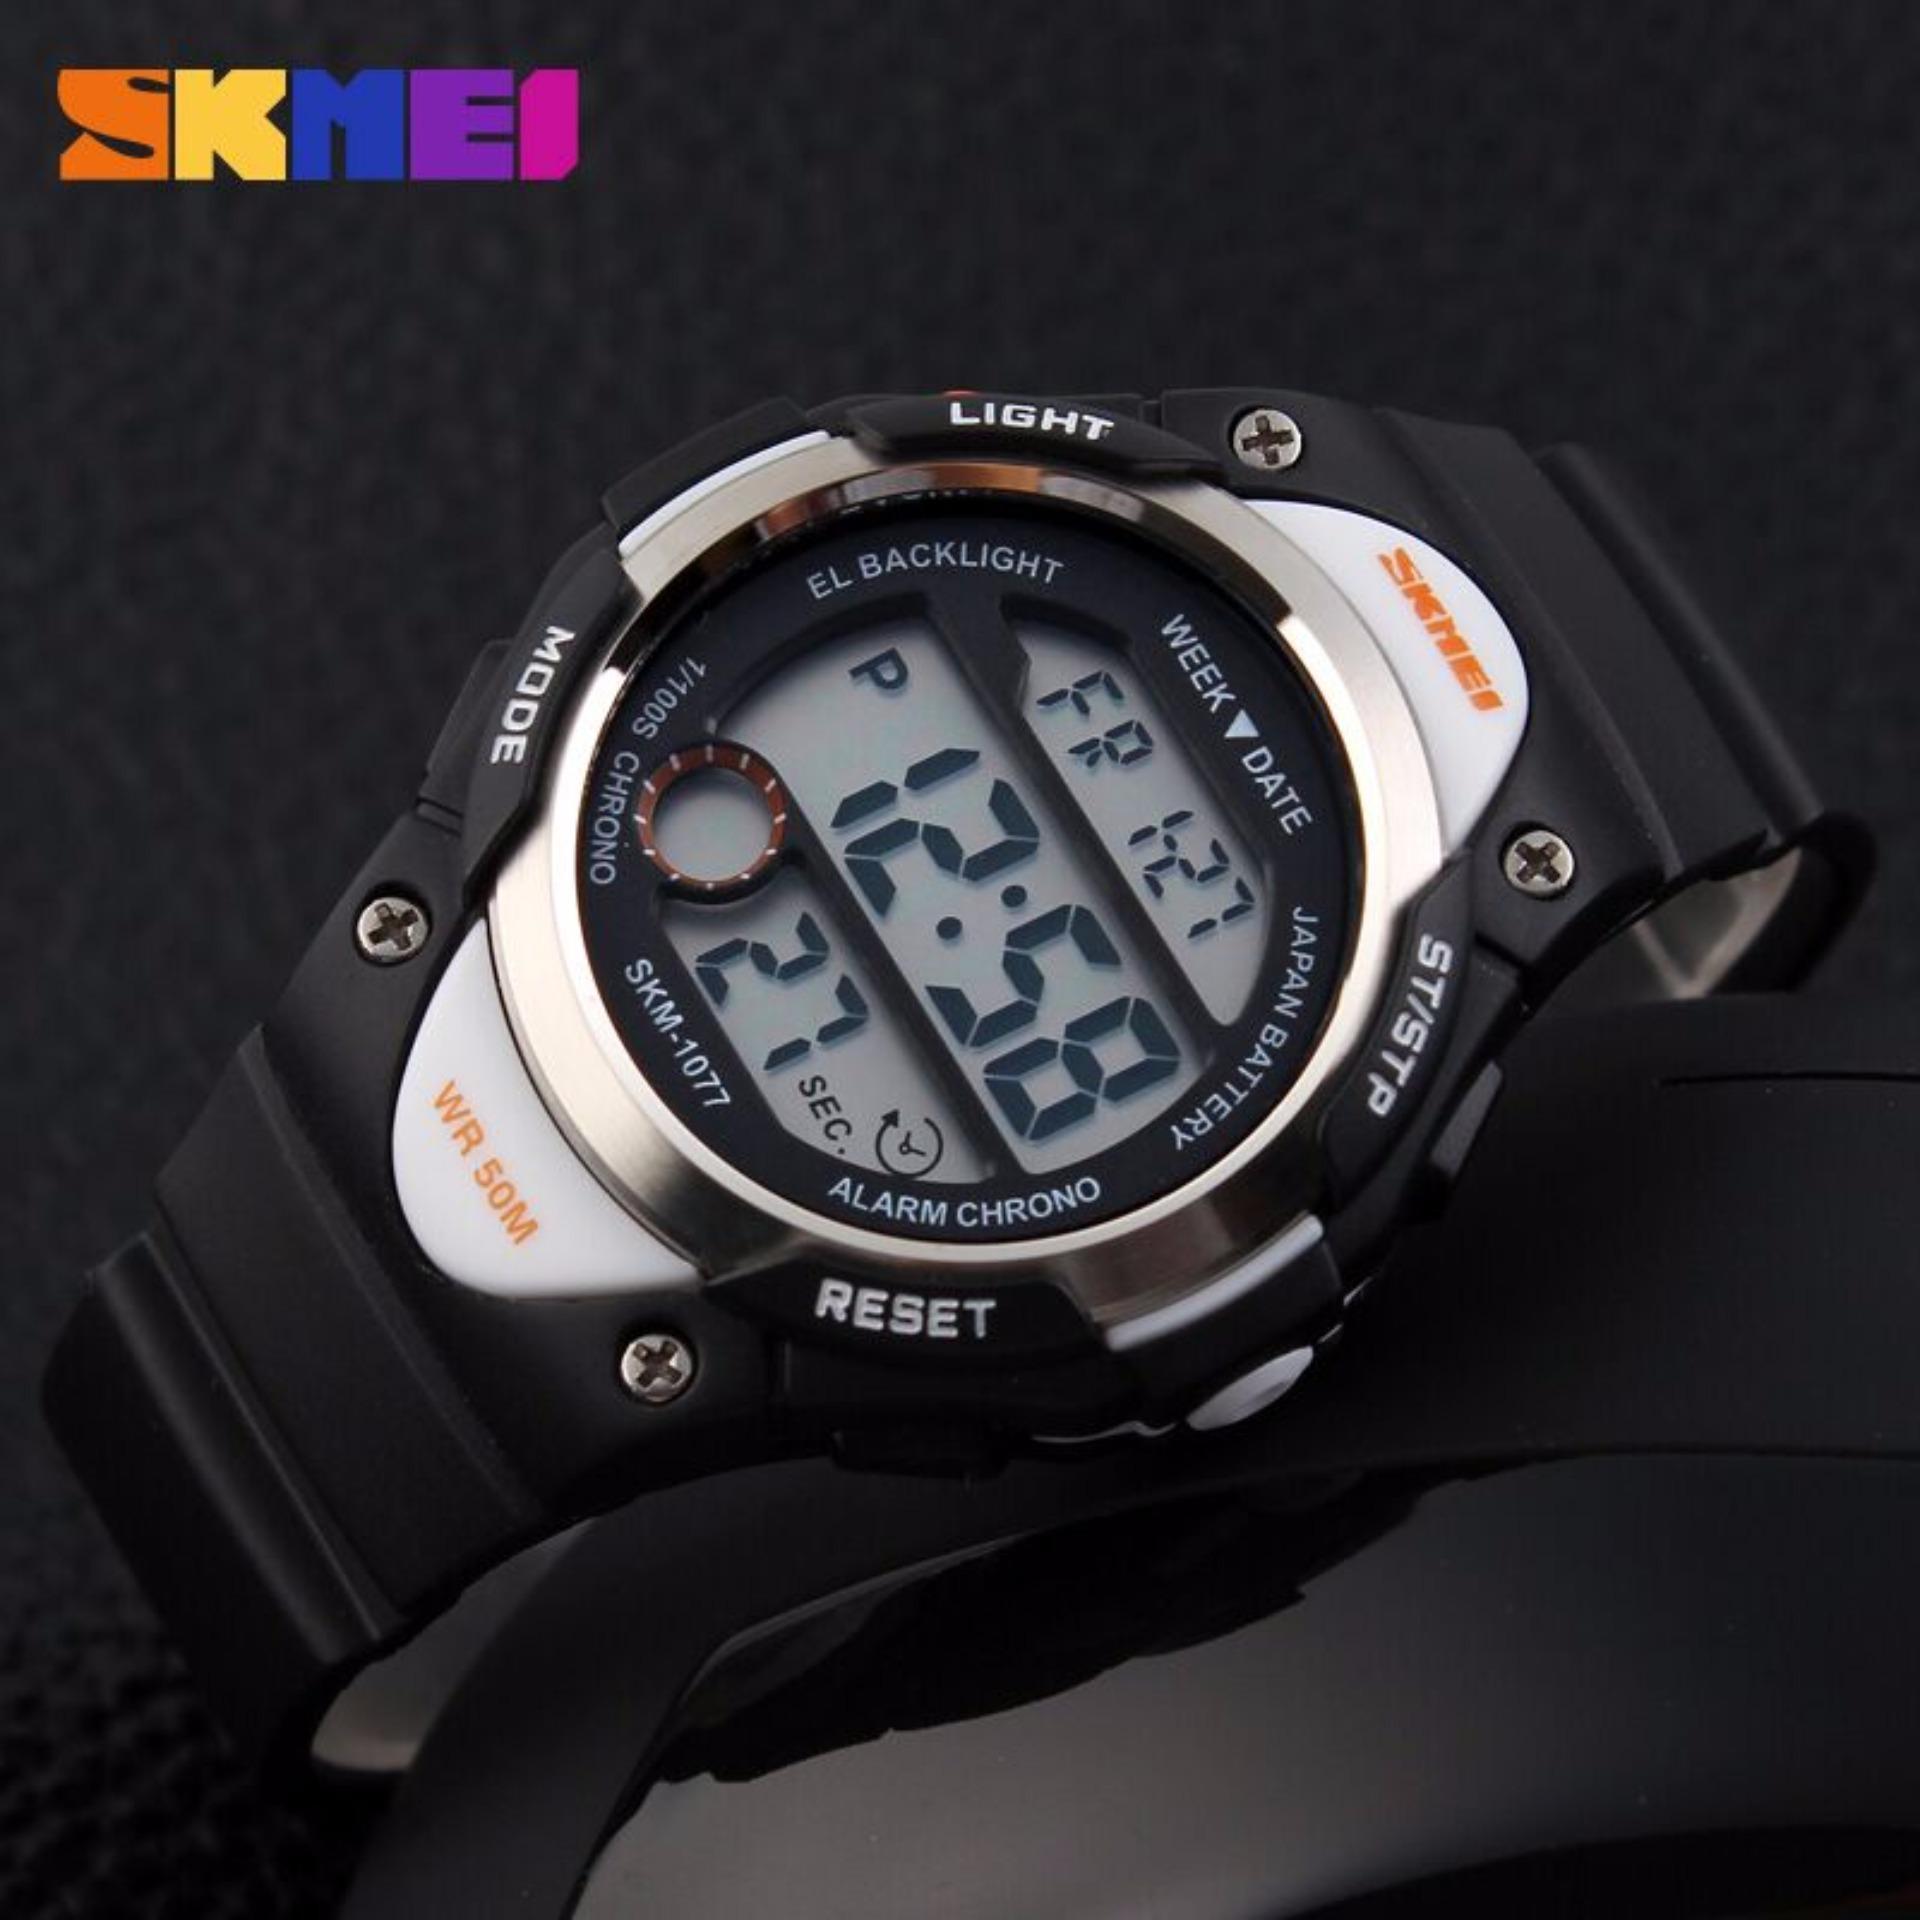 Harga Dan Spesifikasi Terlaris Skmei Sport Rubber Led Watch 1145 Jam S Shock Water Resistant 50m Dg1025 Ad0990 Putih Hitam